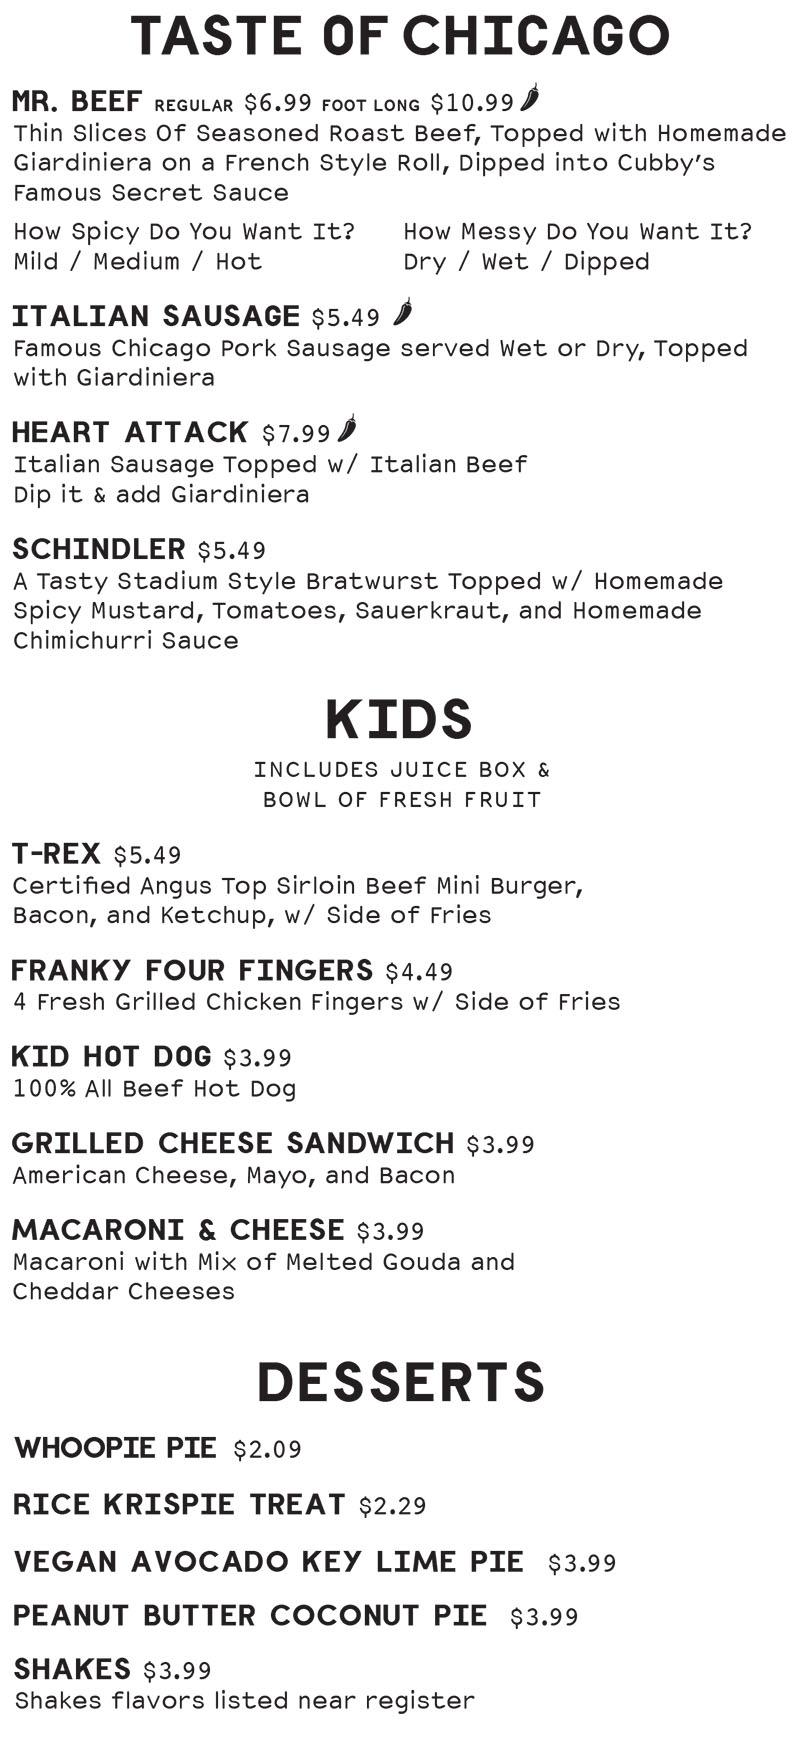 Cubbys Chicago Beef menu - taste of chicago, kids, desserts